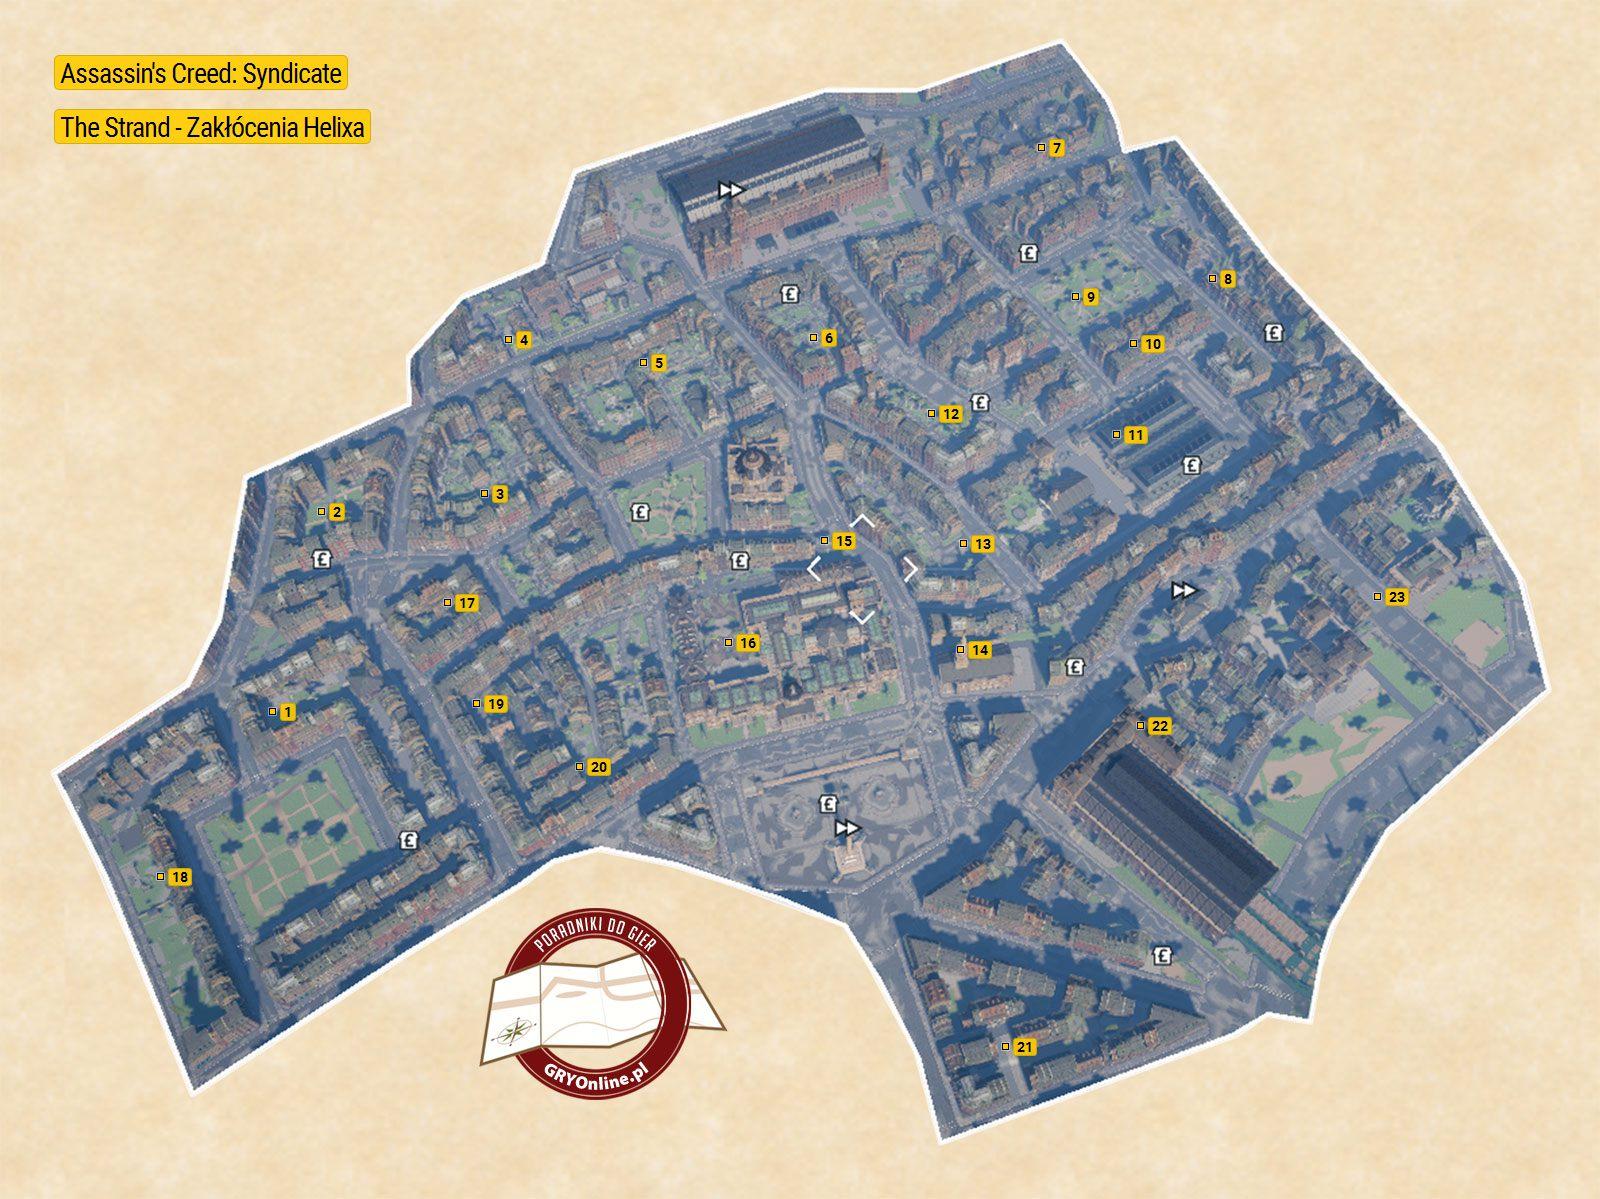 assassins creed syndicate helix glitch map whitechapel